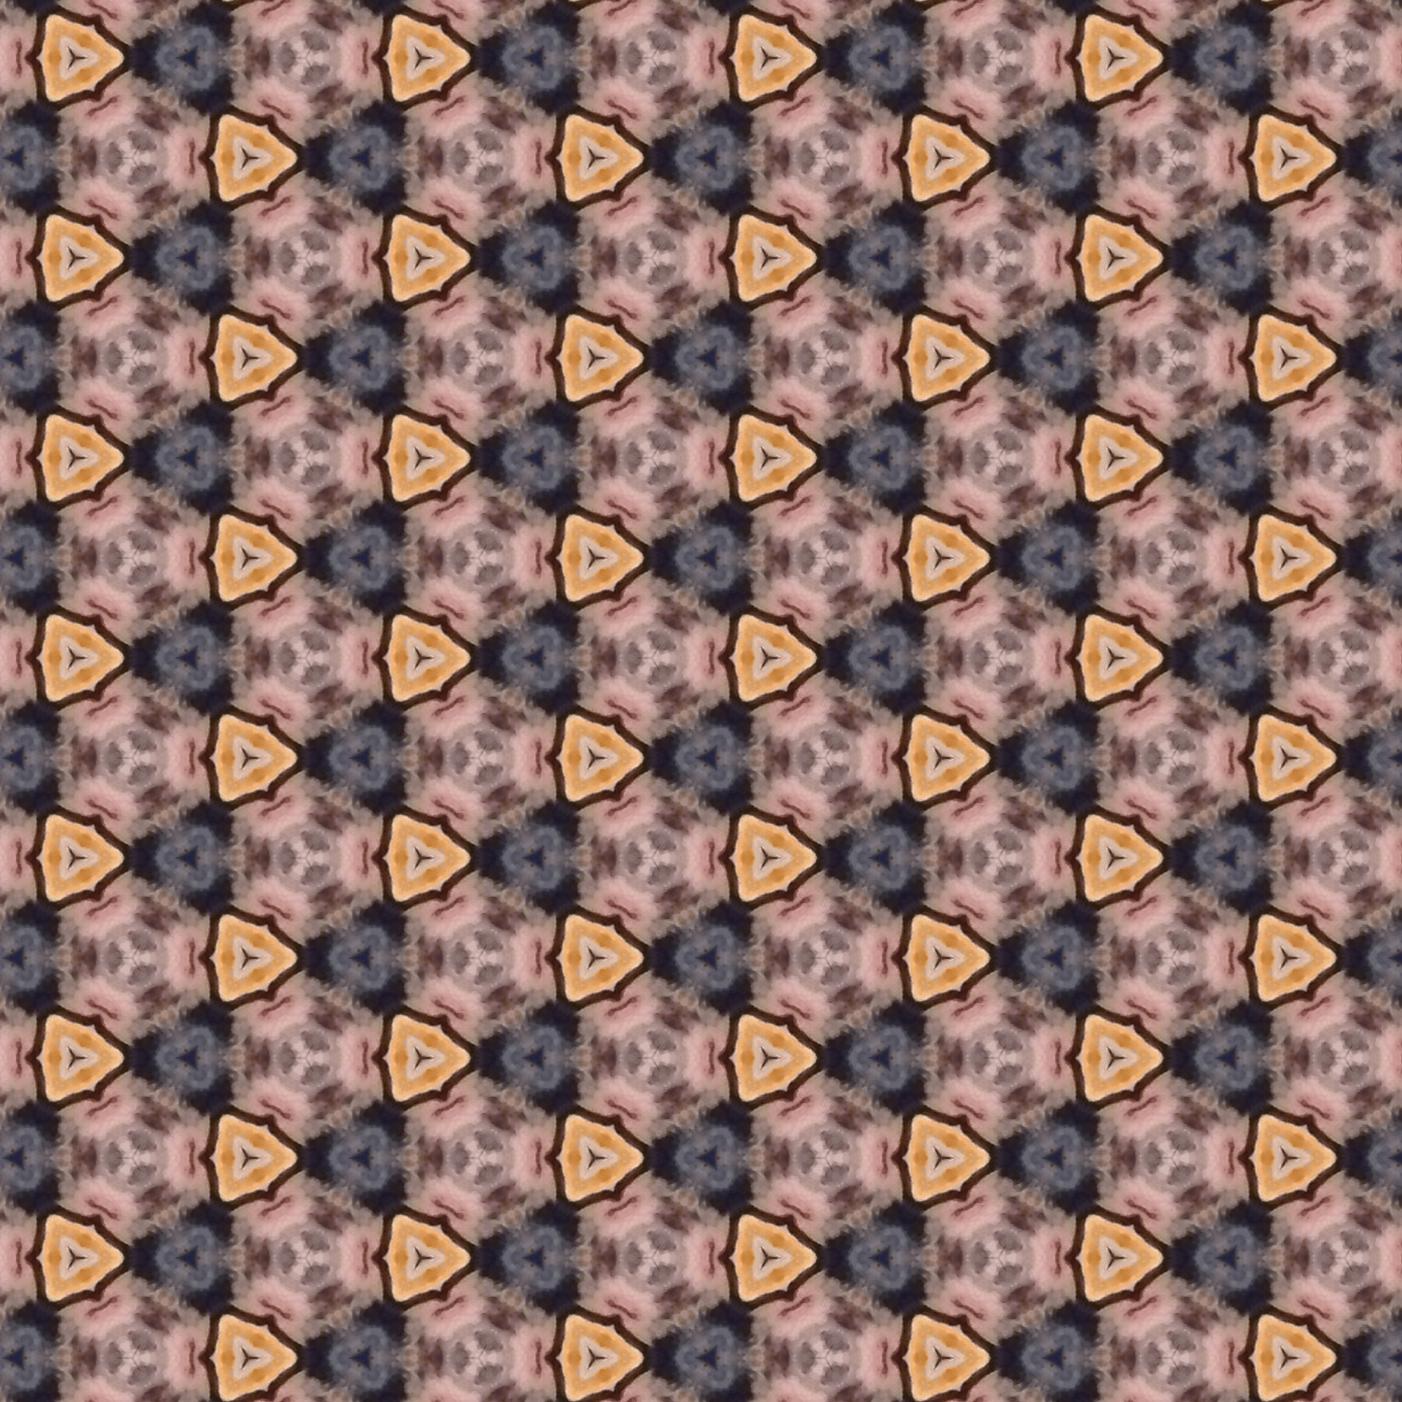 Fabric design _8161_12i